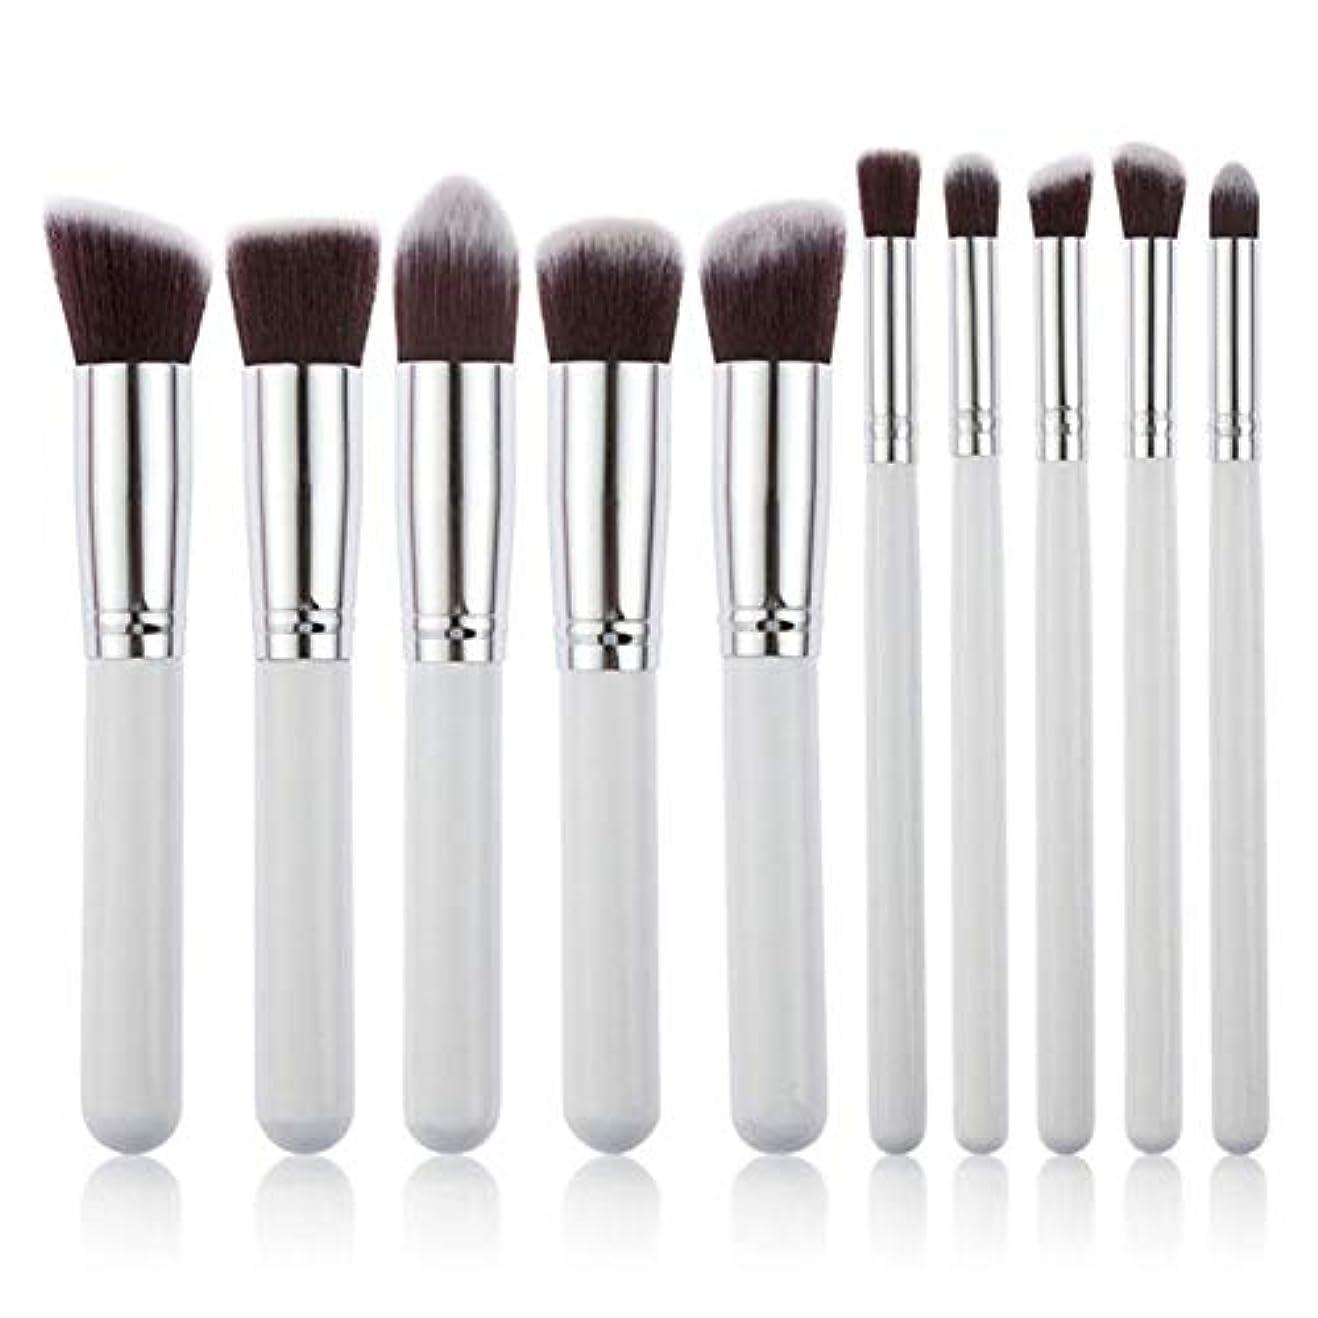 ベジタリアン手順ギャザーMakeup brushes 10ピースWhiteMakeupブラシセットモダンスラックパウダーブラシアイシャドウブラシコンターブラシ suits (Color : White Silver)